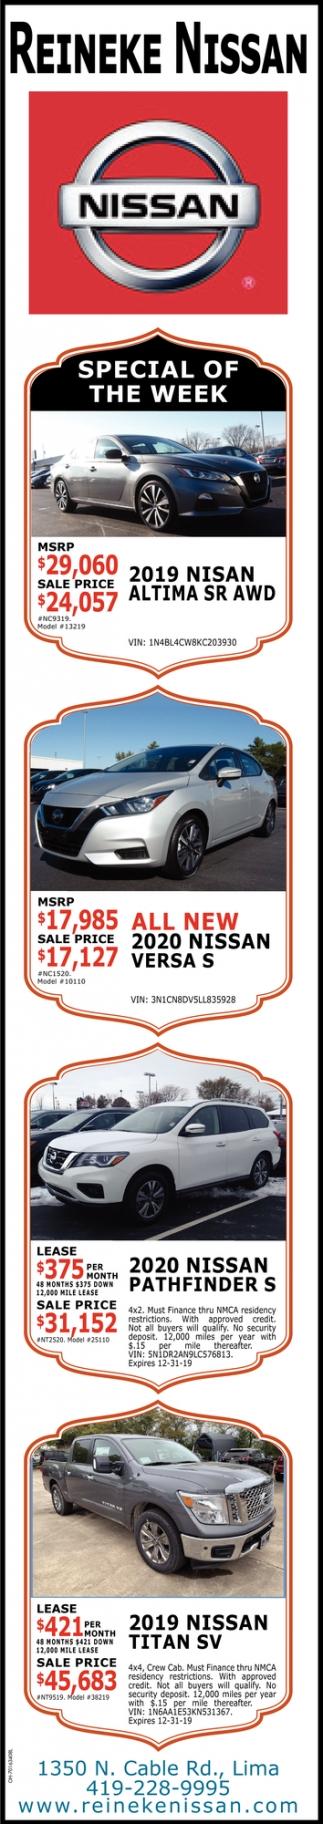 Special of the Week - 2020 Nissan Pathfinders